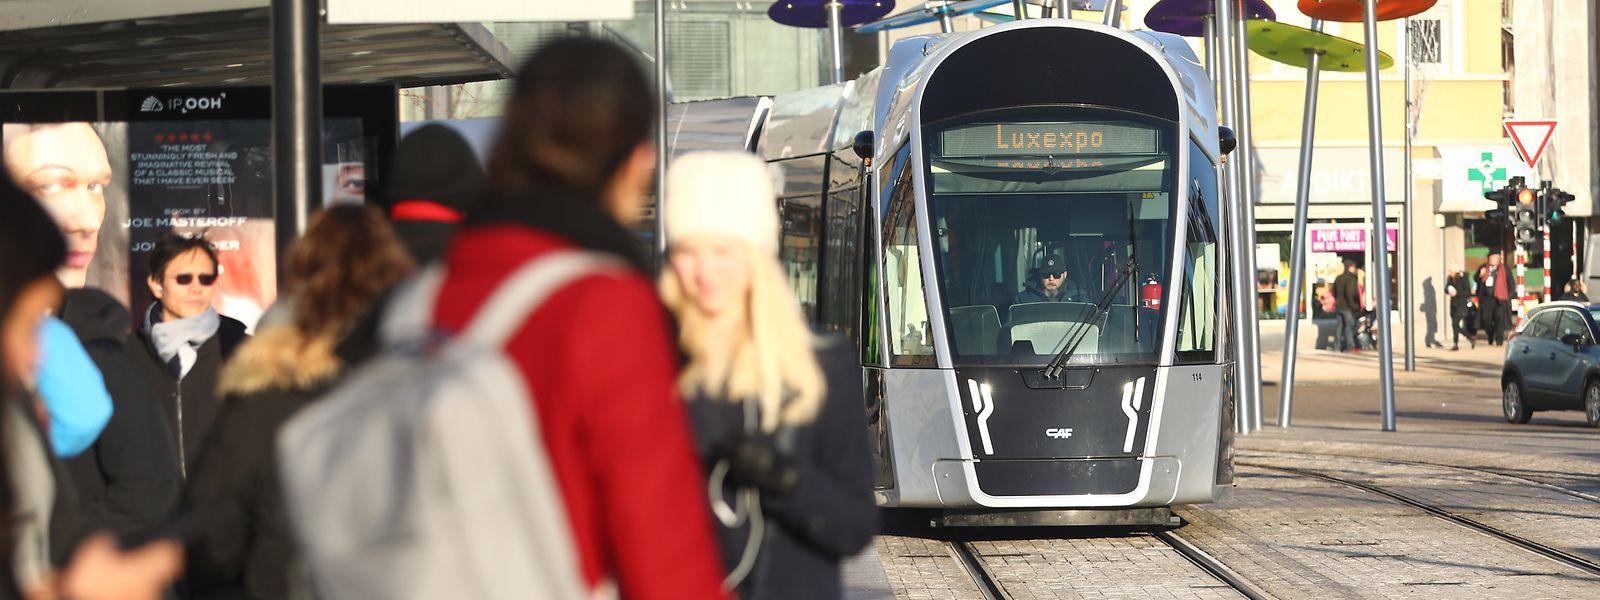 En 2019, le nombre d'usagers du tram a progressé de 30% par rapport à l'année d'avant.